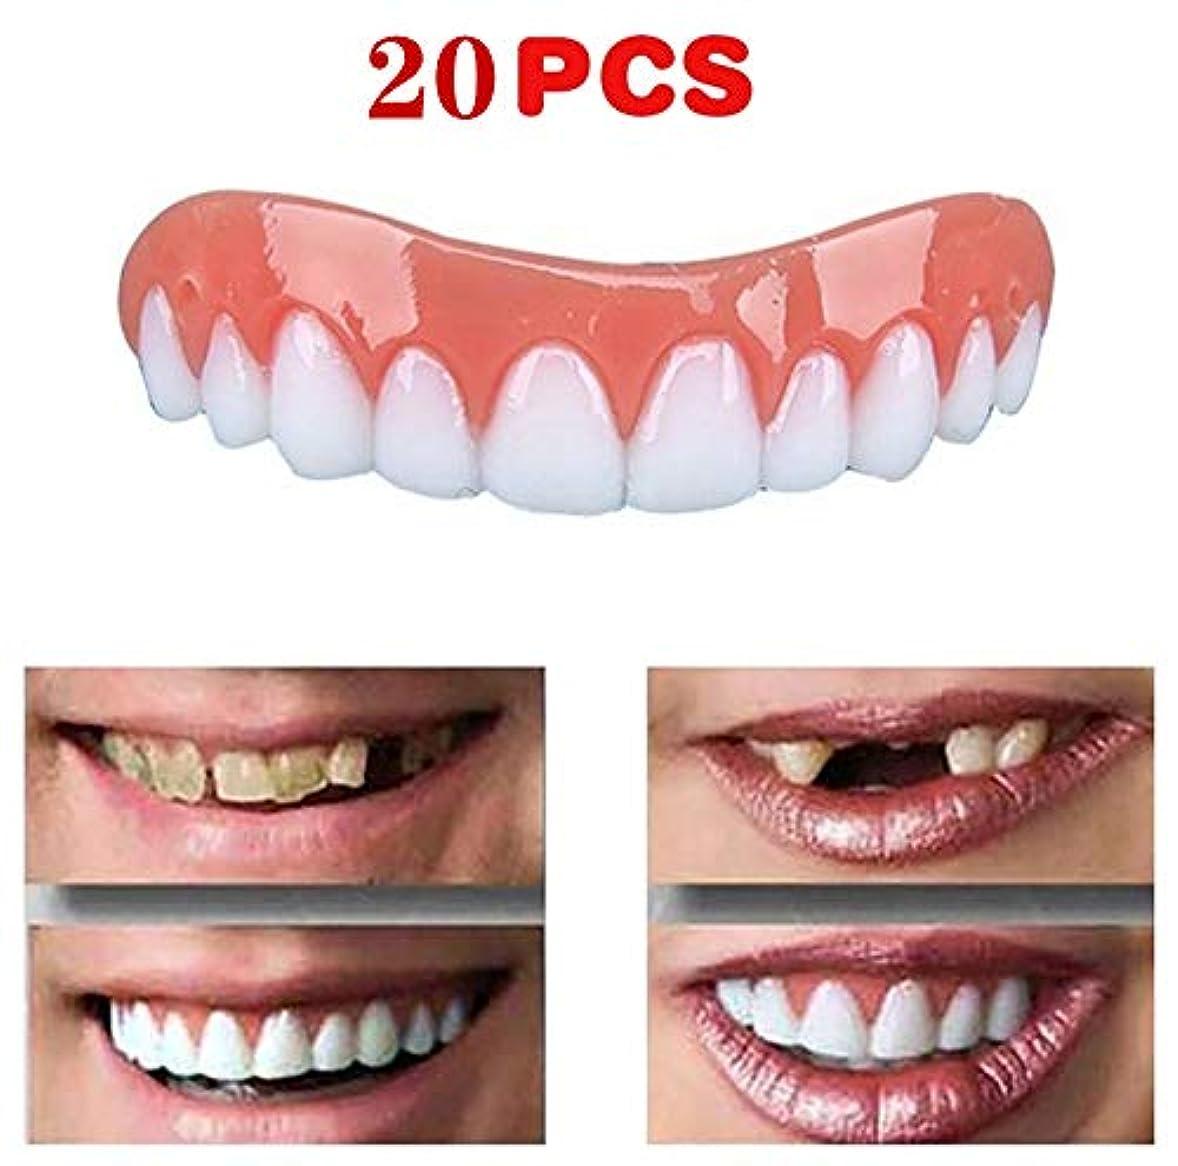 平日味方押し下げる20ピース新しい再利用可能な大人のスナップオンパーフェクトスマイルホワイトニング義歯フィットフレックス化粧品歯快適な突き板カバーデンタルケアアクセサリー